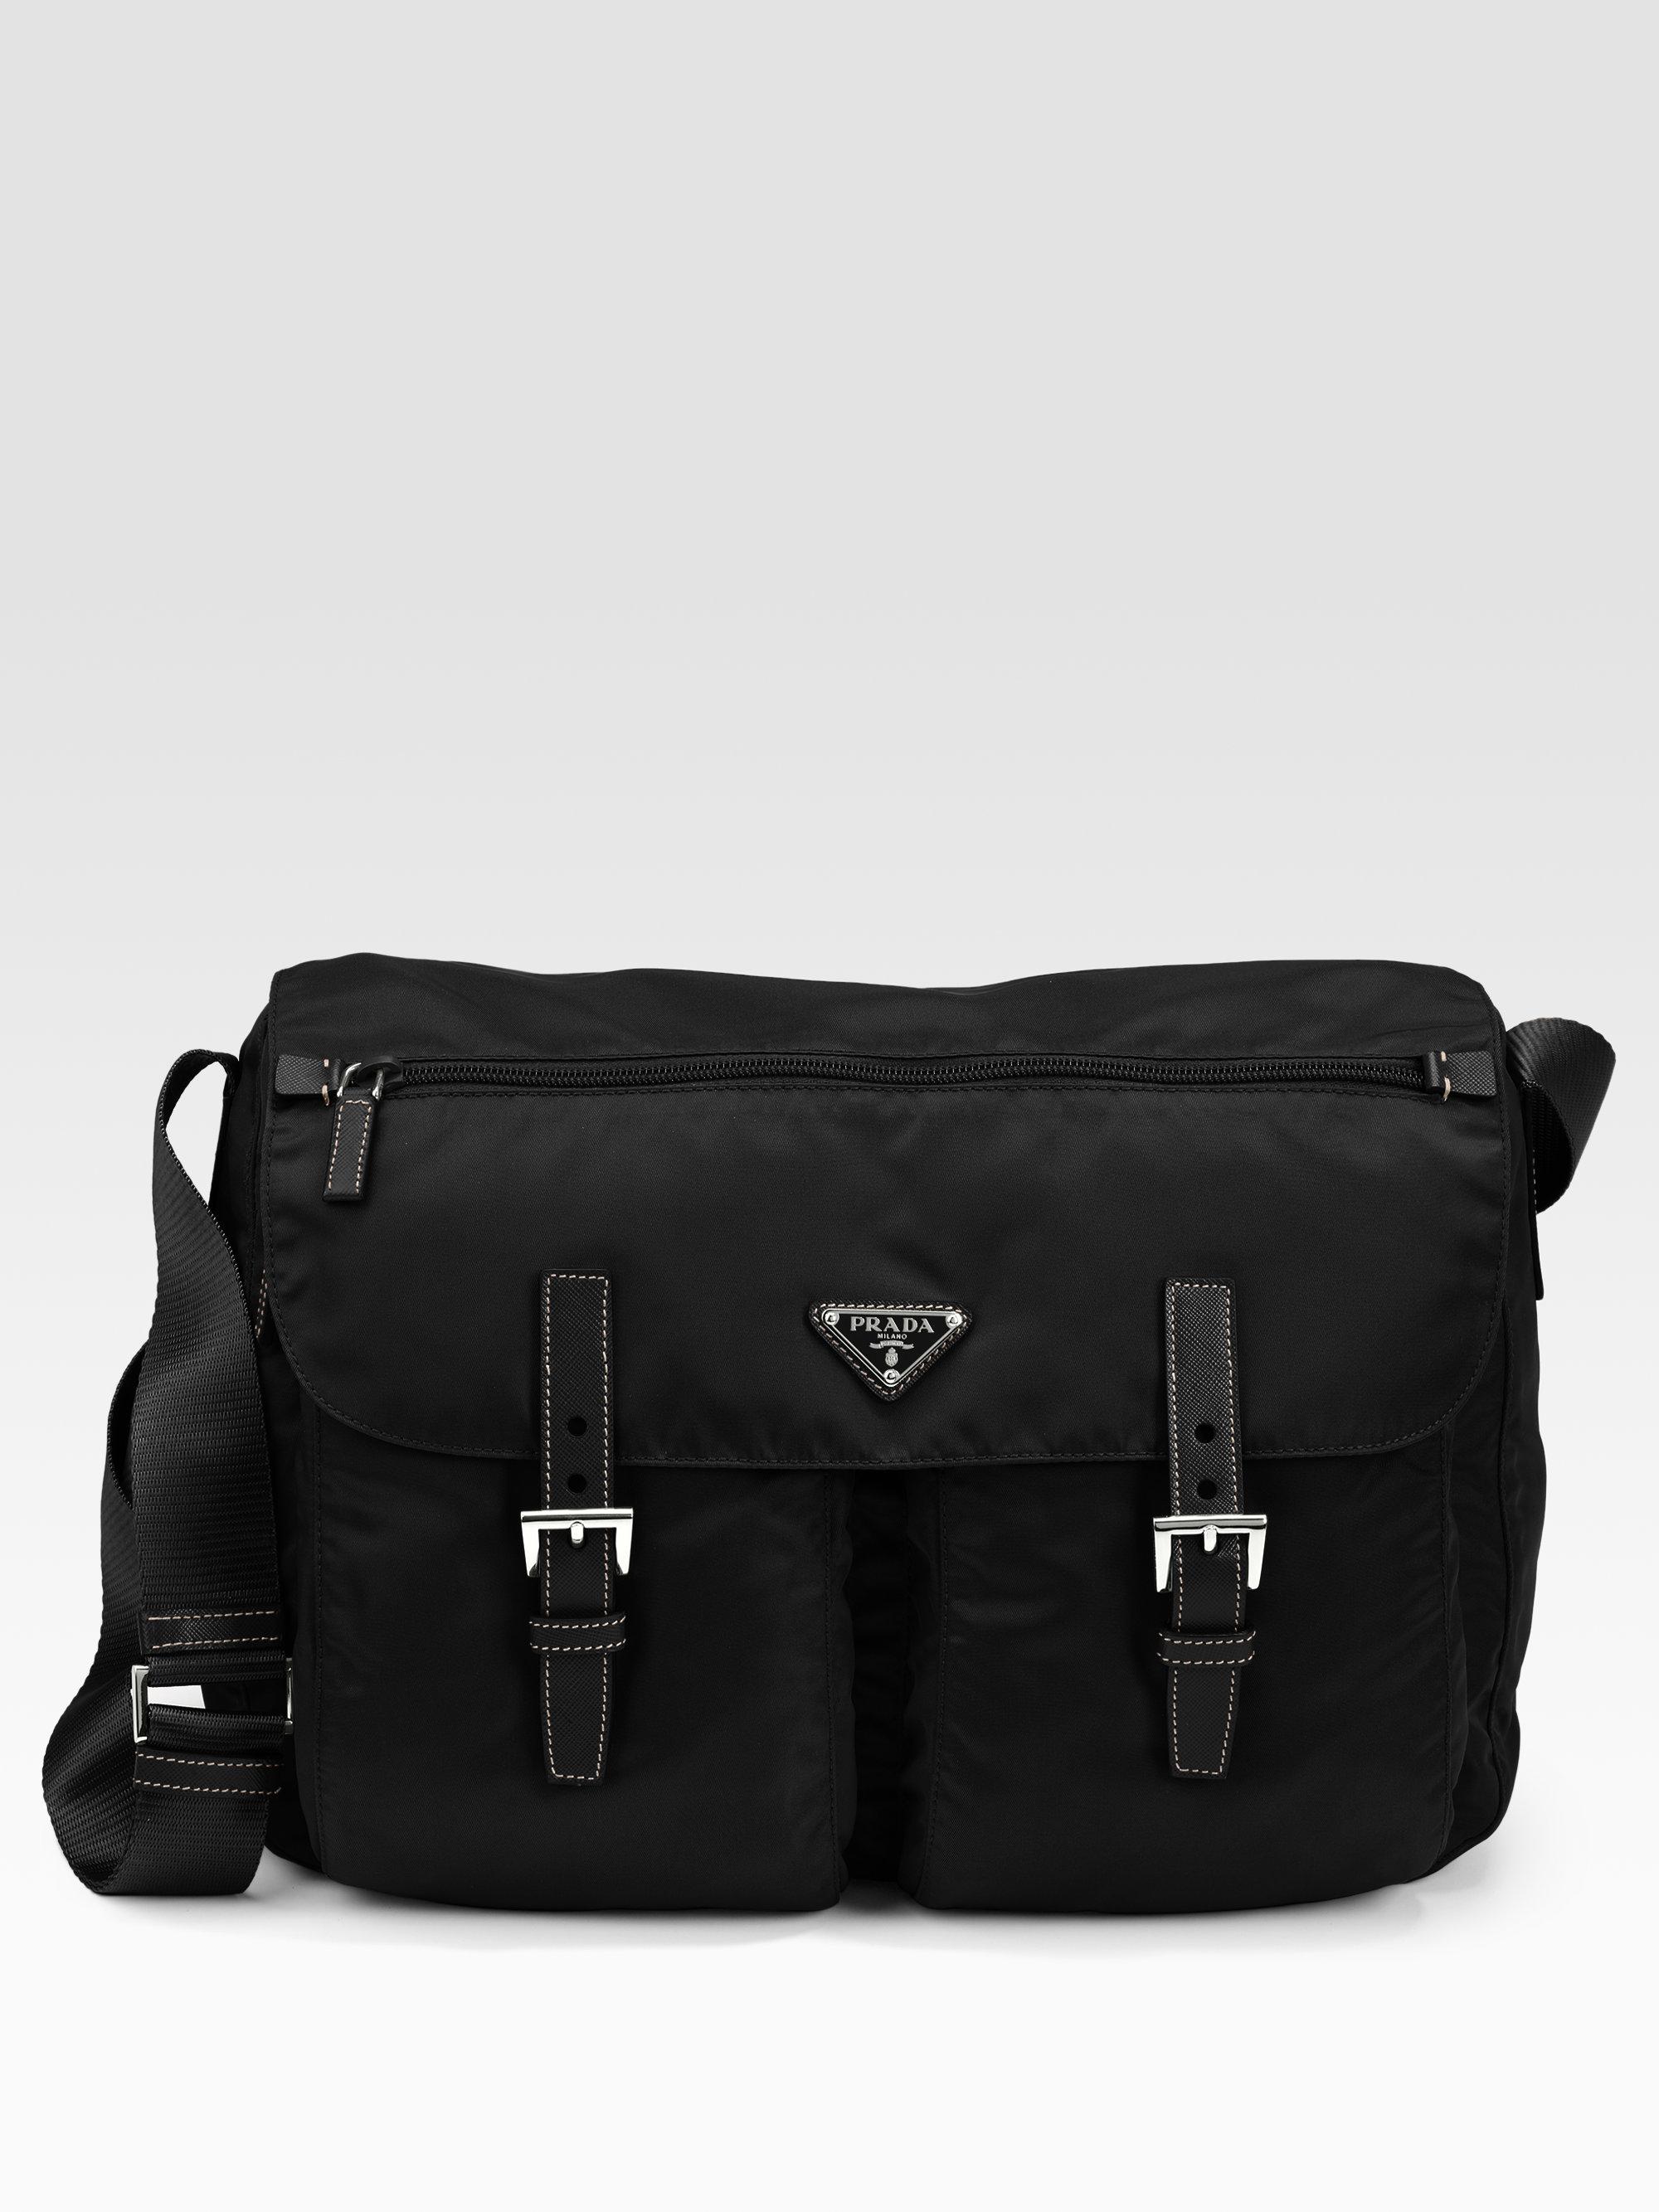 prada prices - Prada Vela Two-pocket Messenger Bag in Black for Men | Lyst